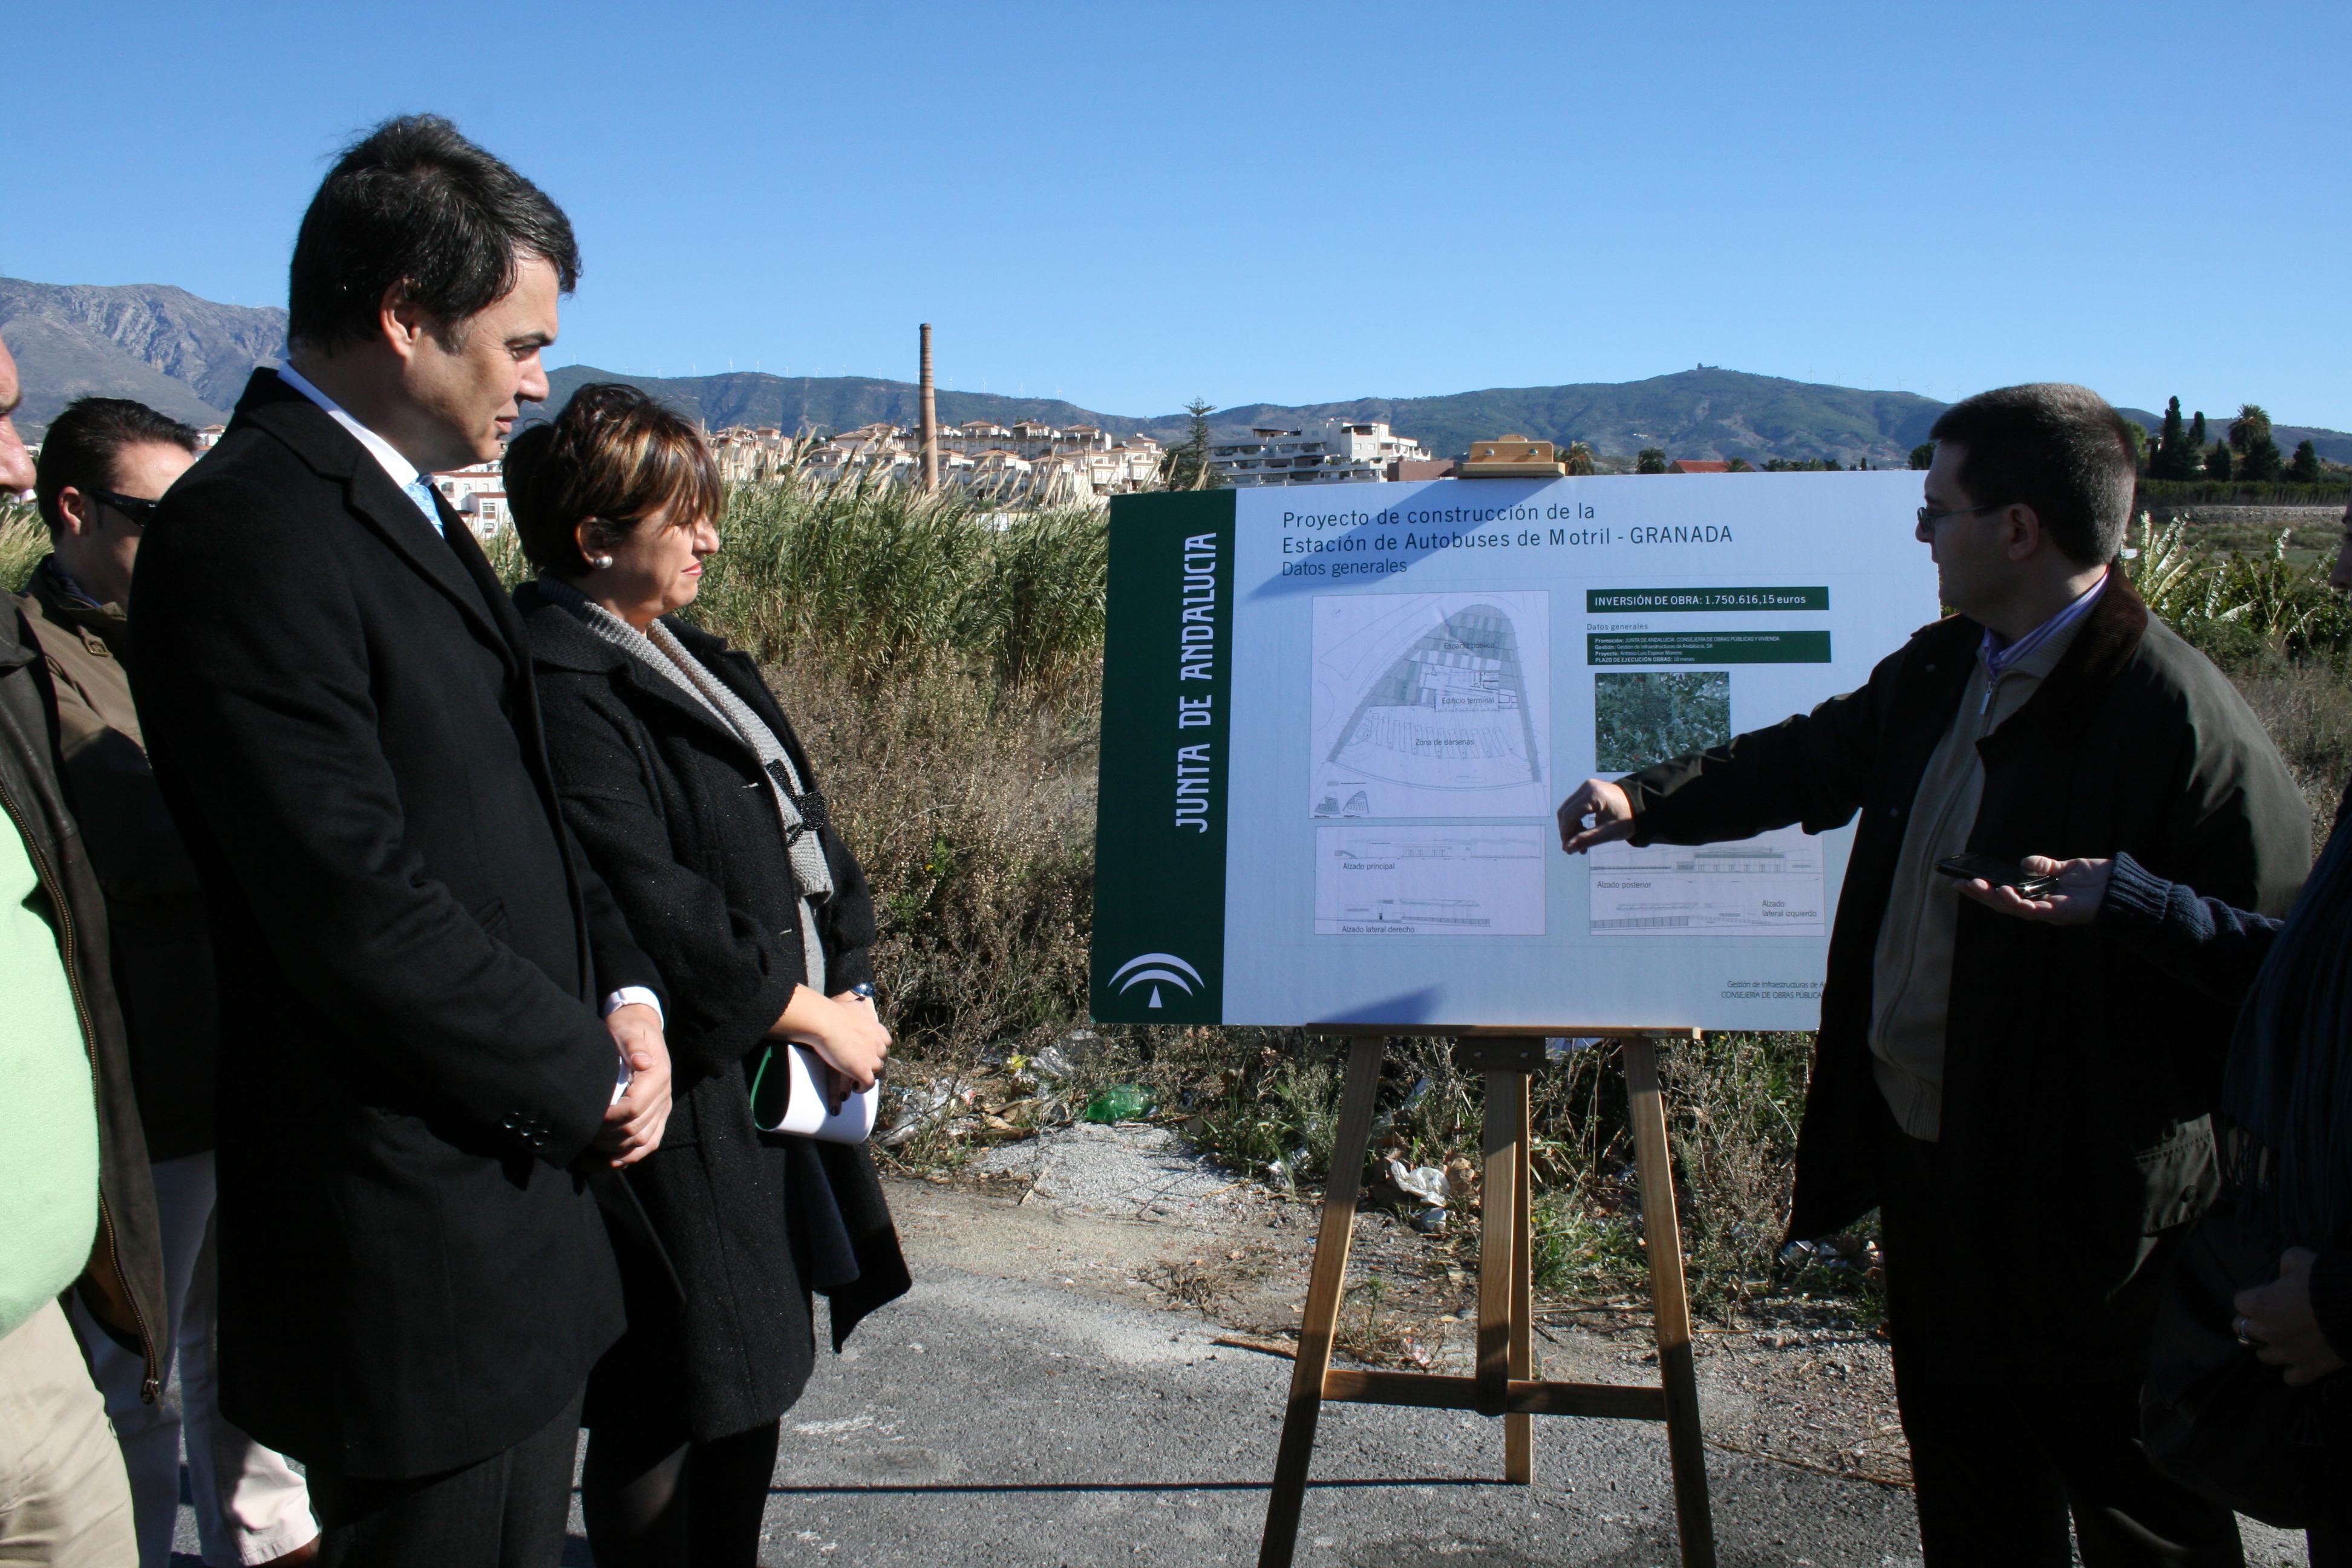 La delegada provincial de Obras Públicas y Vivienda explica al alcalde de Motril las características de la futura estación.